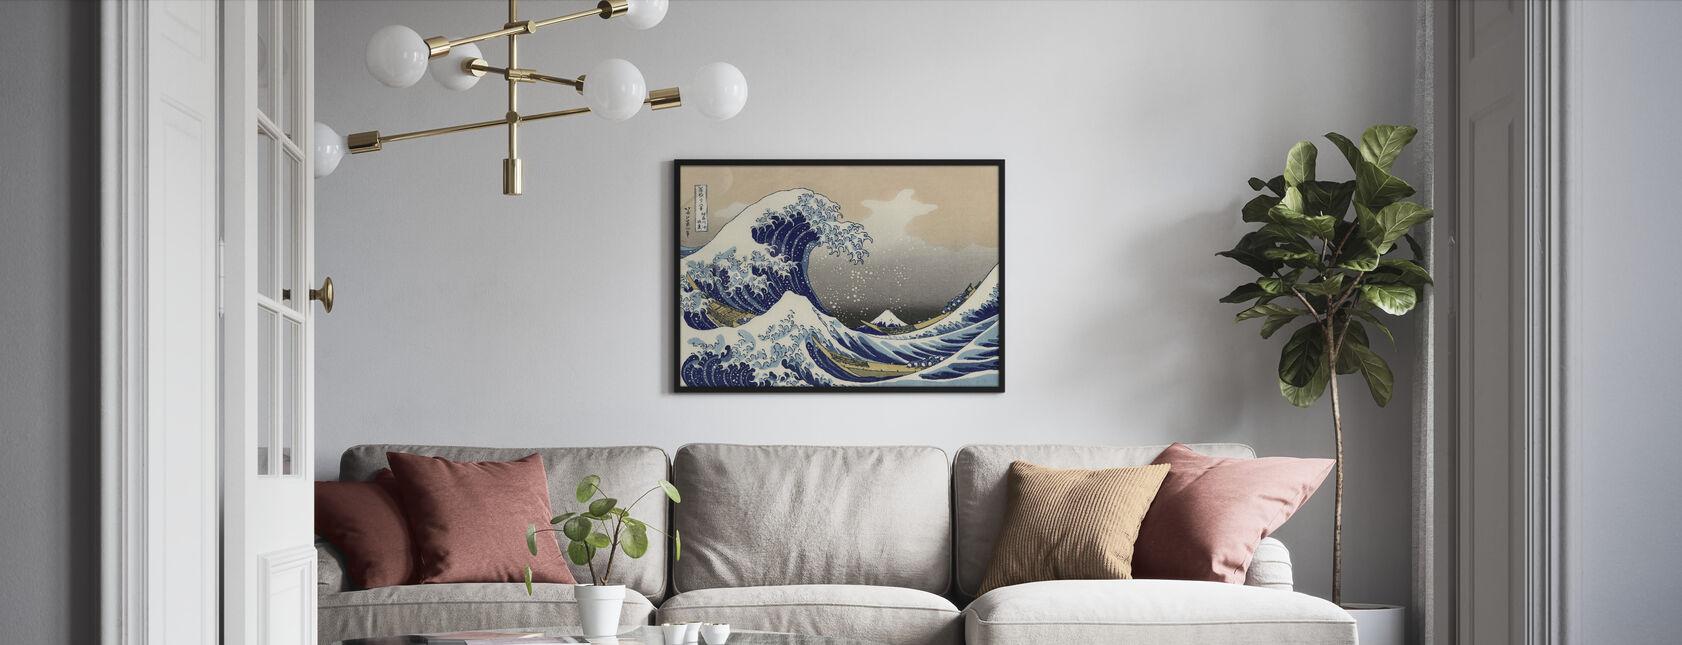 Suuri Aalto, Katsushika Hokusai - Kehystetty kuva - Olohuone